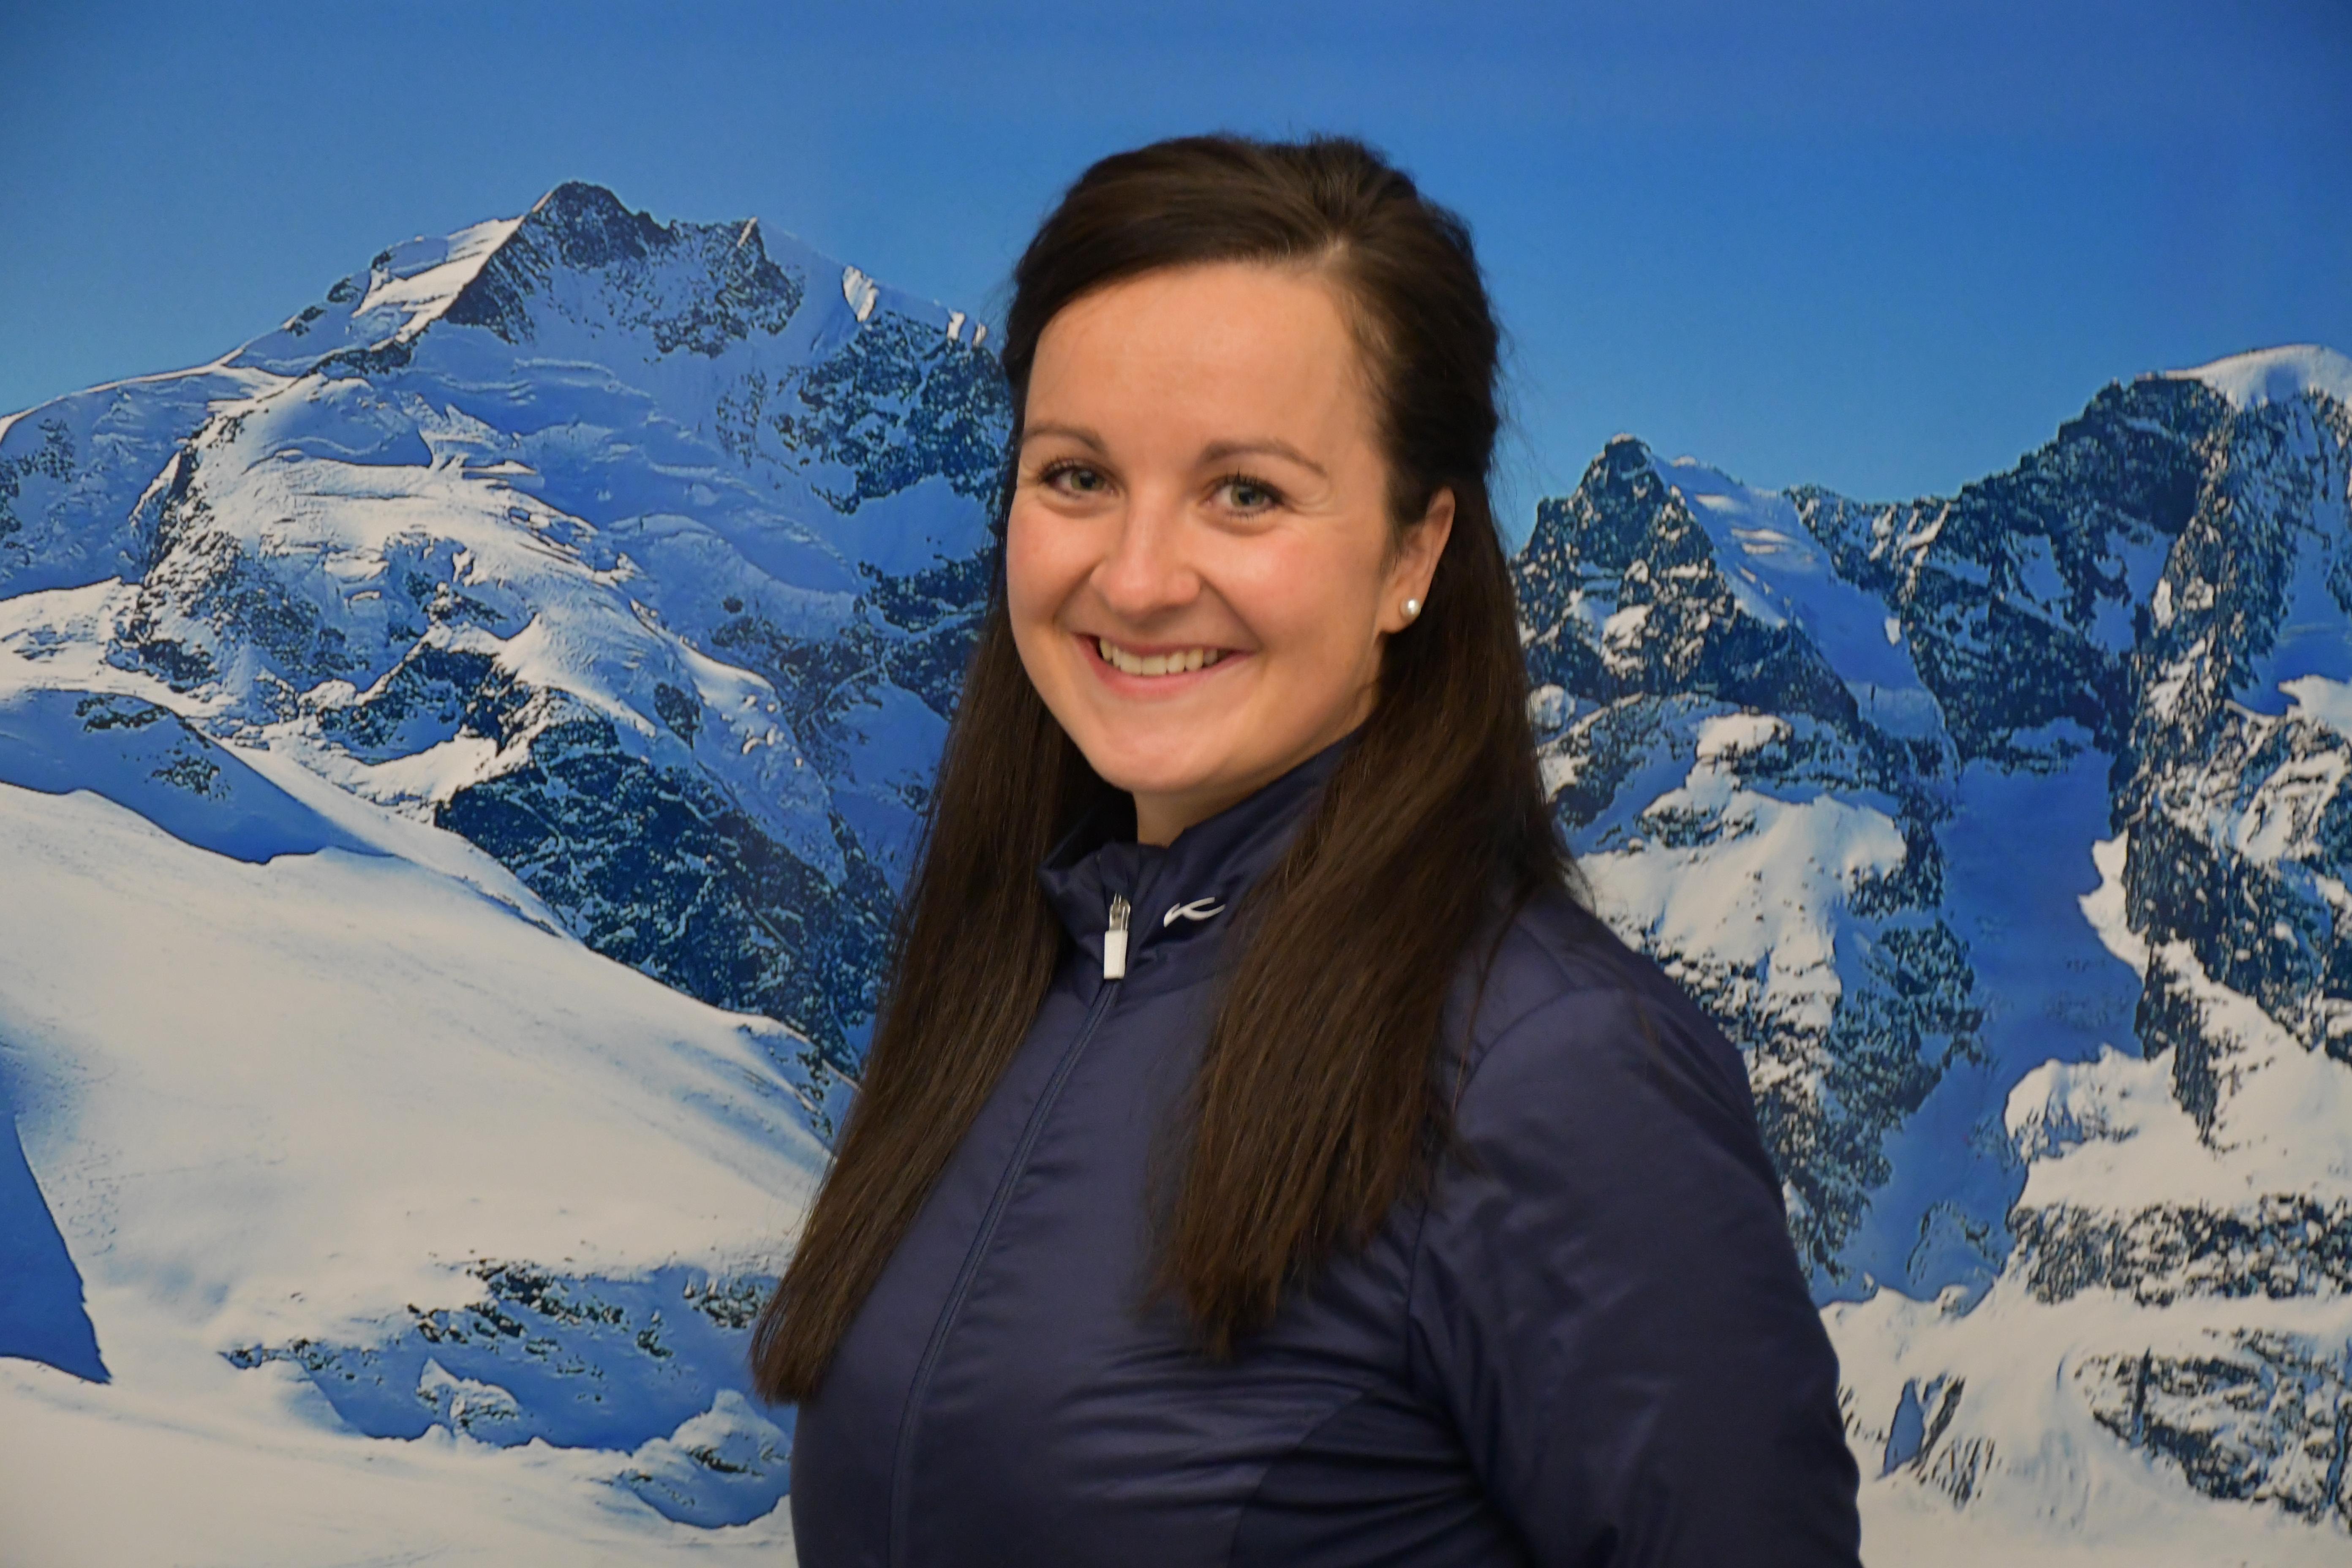 Larissa Gräf